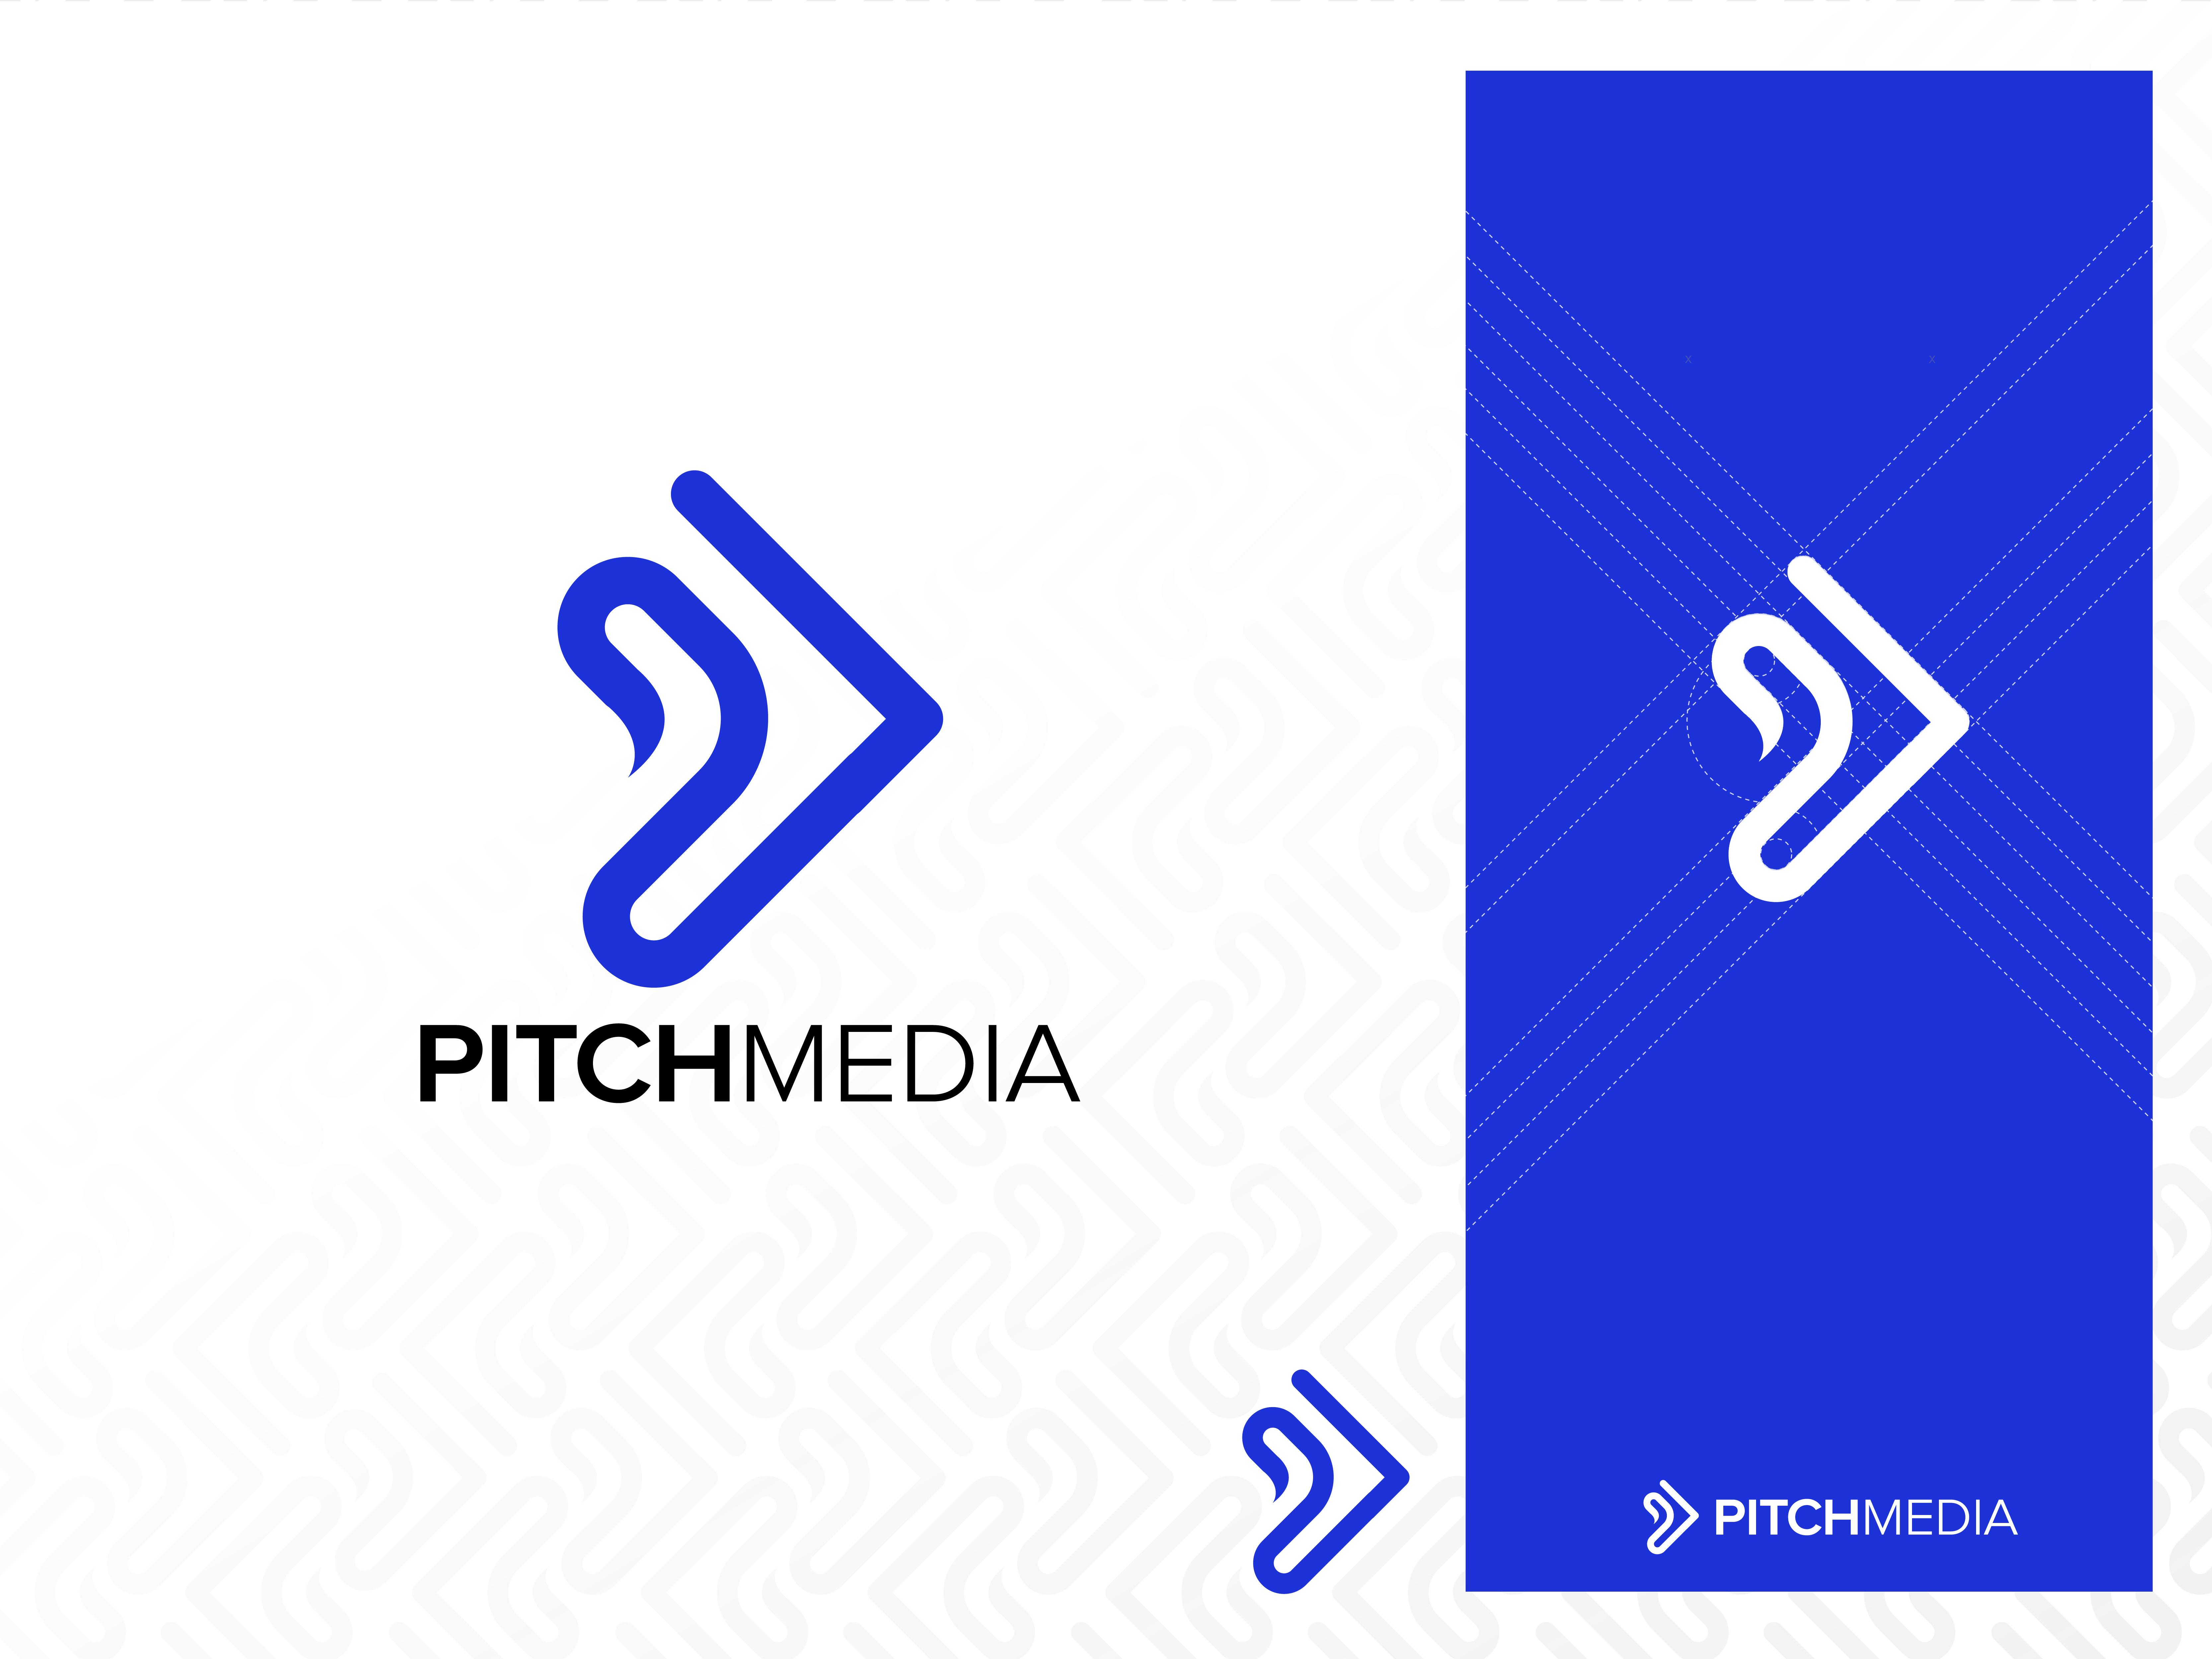 Pitch media logo 03